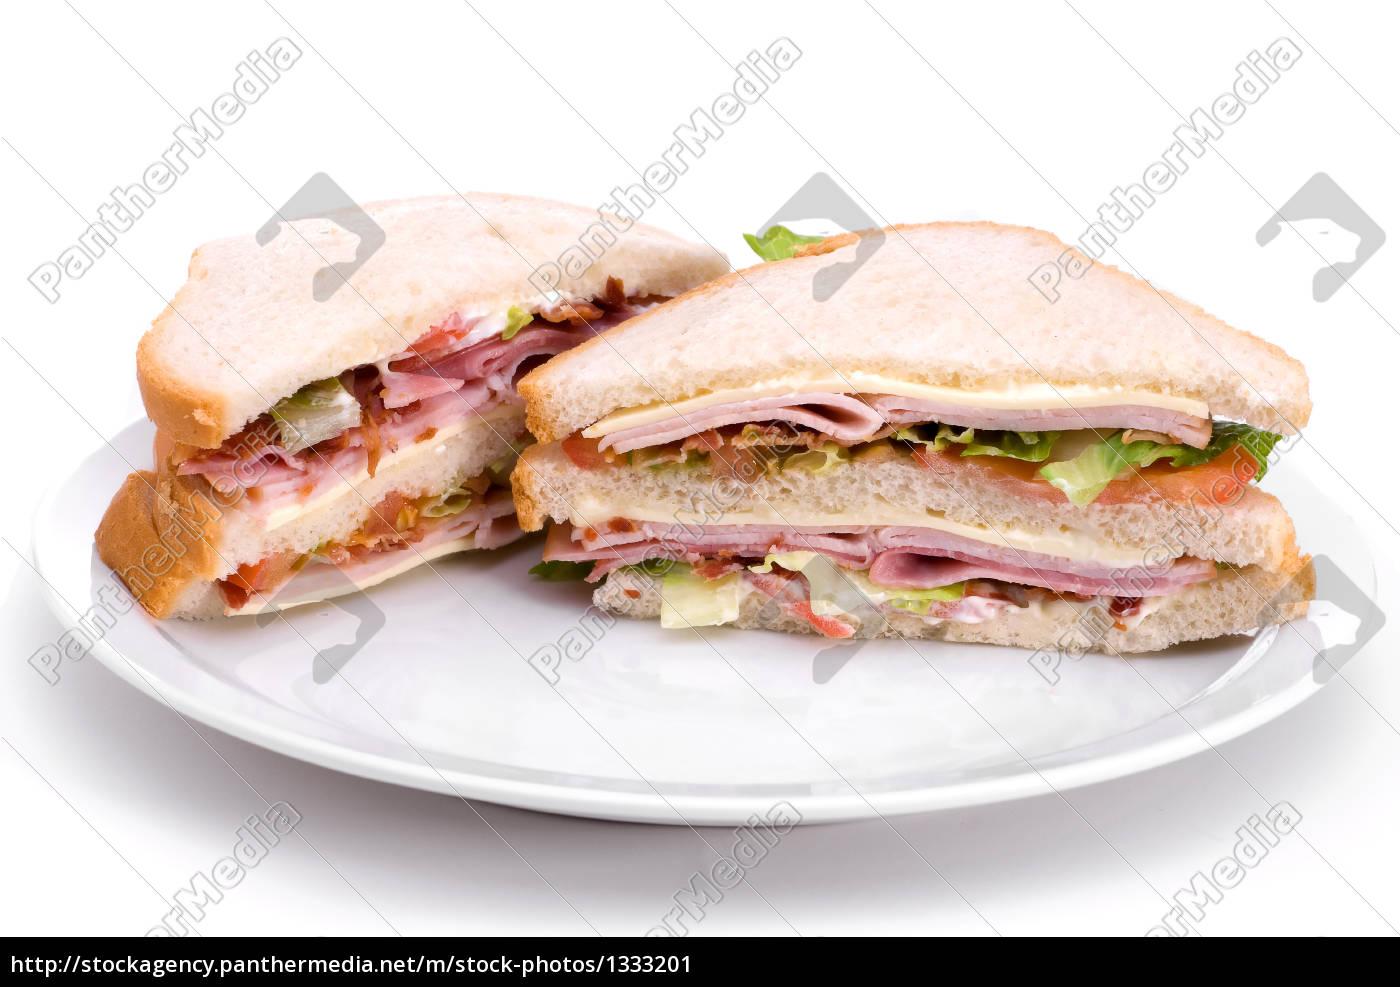 club, sandwich - 1333201